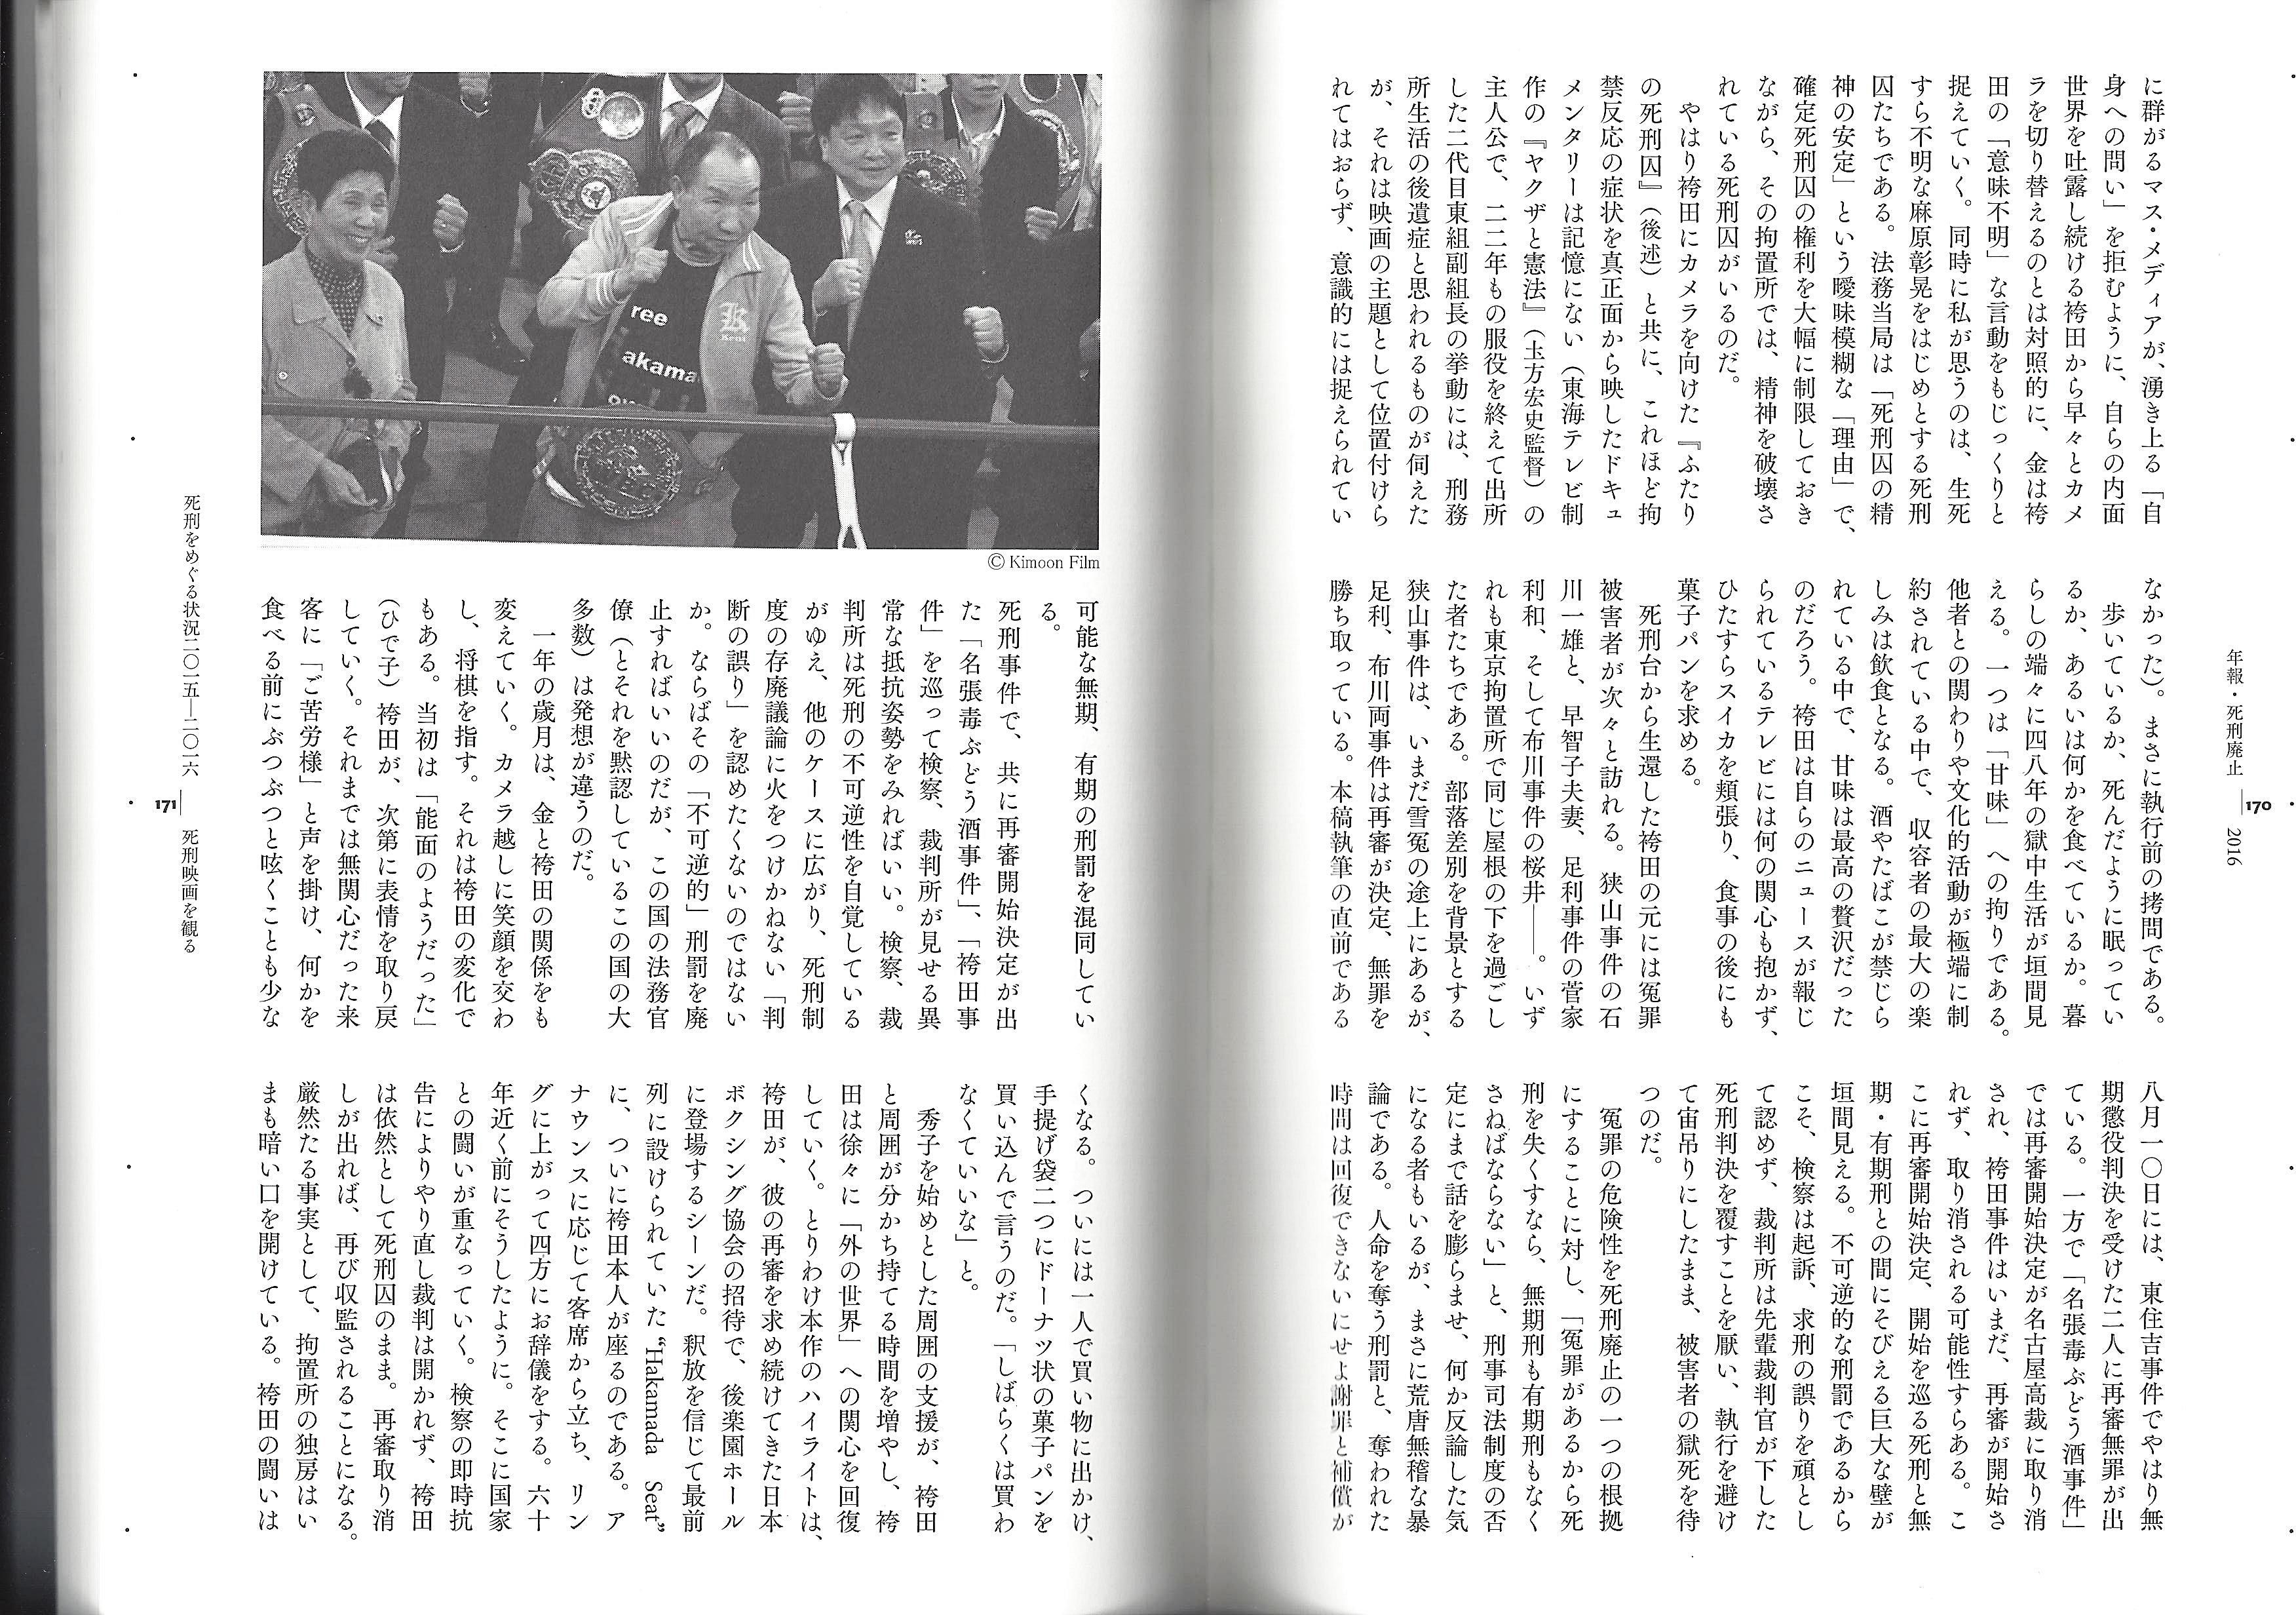 年報・死刑廃止2016 死刑と憲法(2)